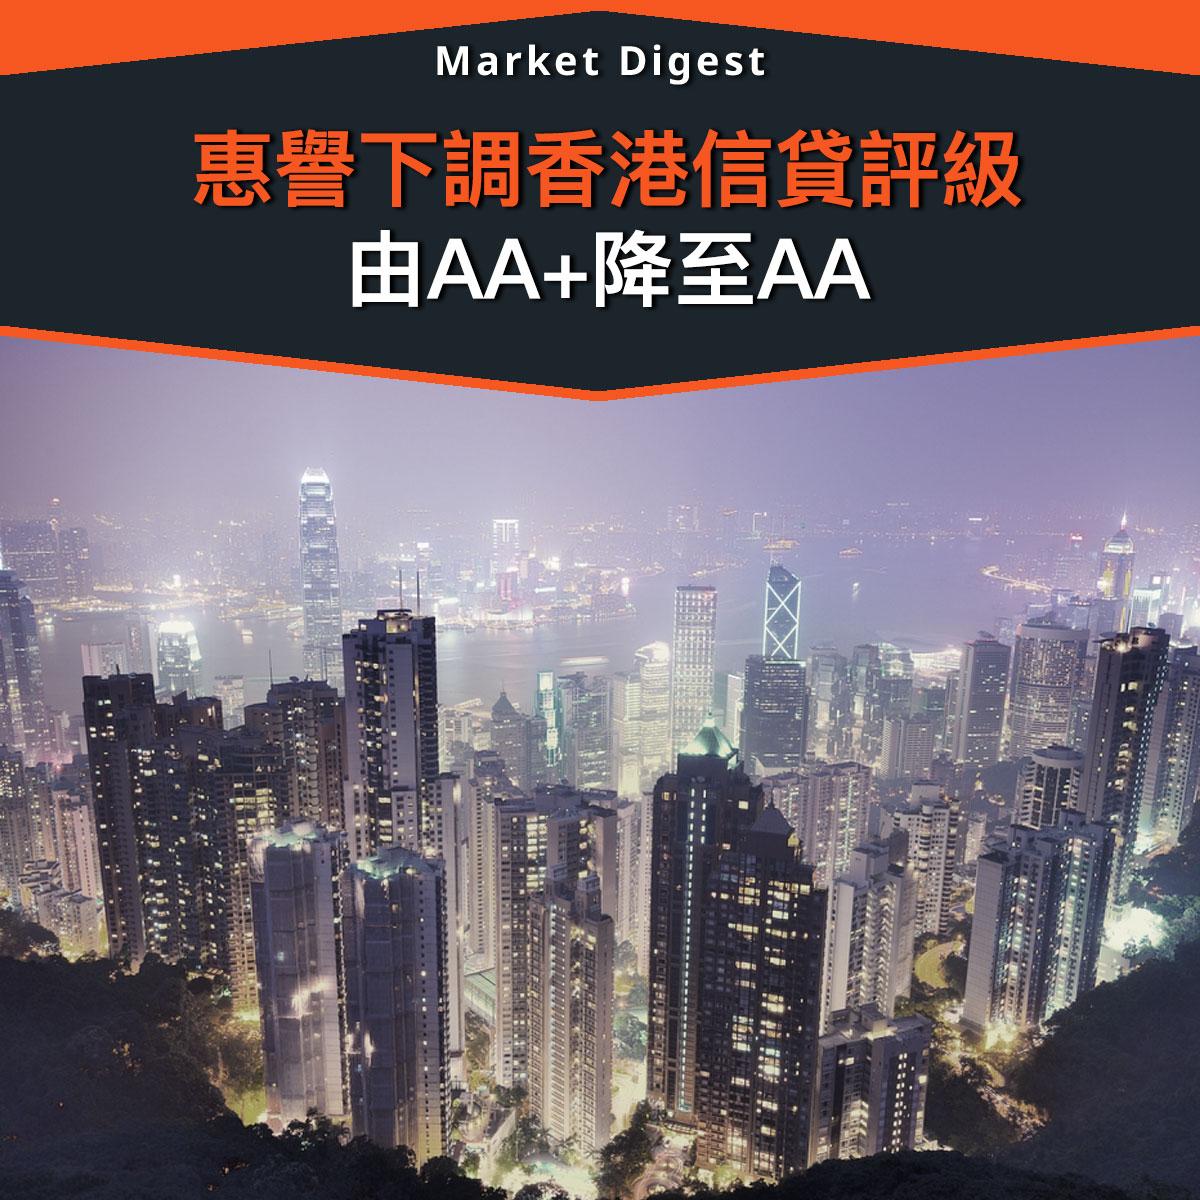 惠譽下調香港信貸評級 由AA+降至AA